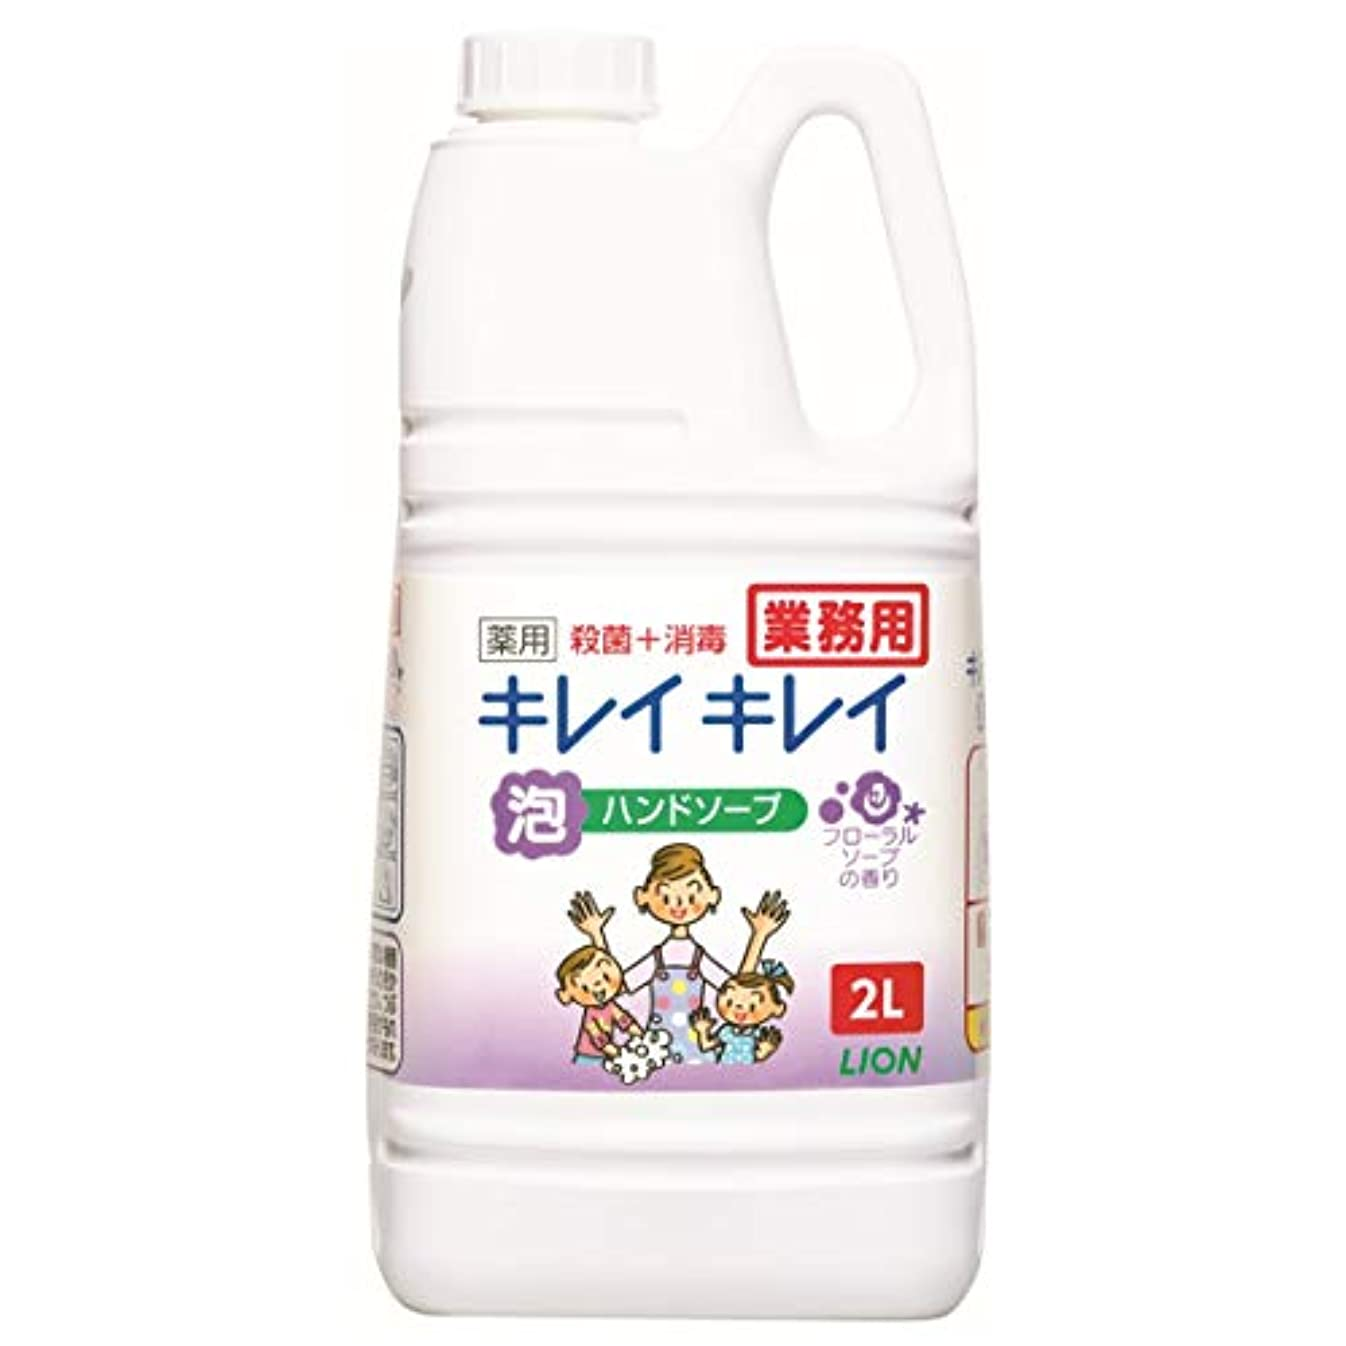 不均一航海シャープ【大容量】キレイキレイ 薬用泡ハンドソープ フローラルソープの香り 2L